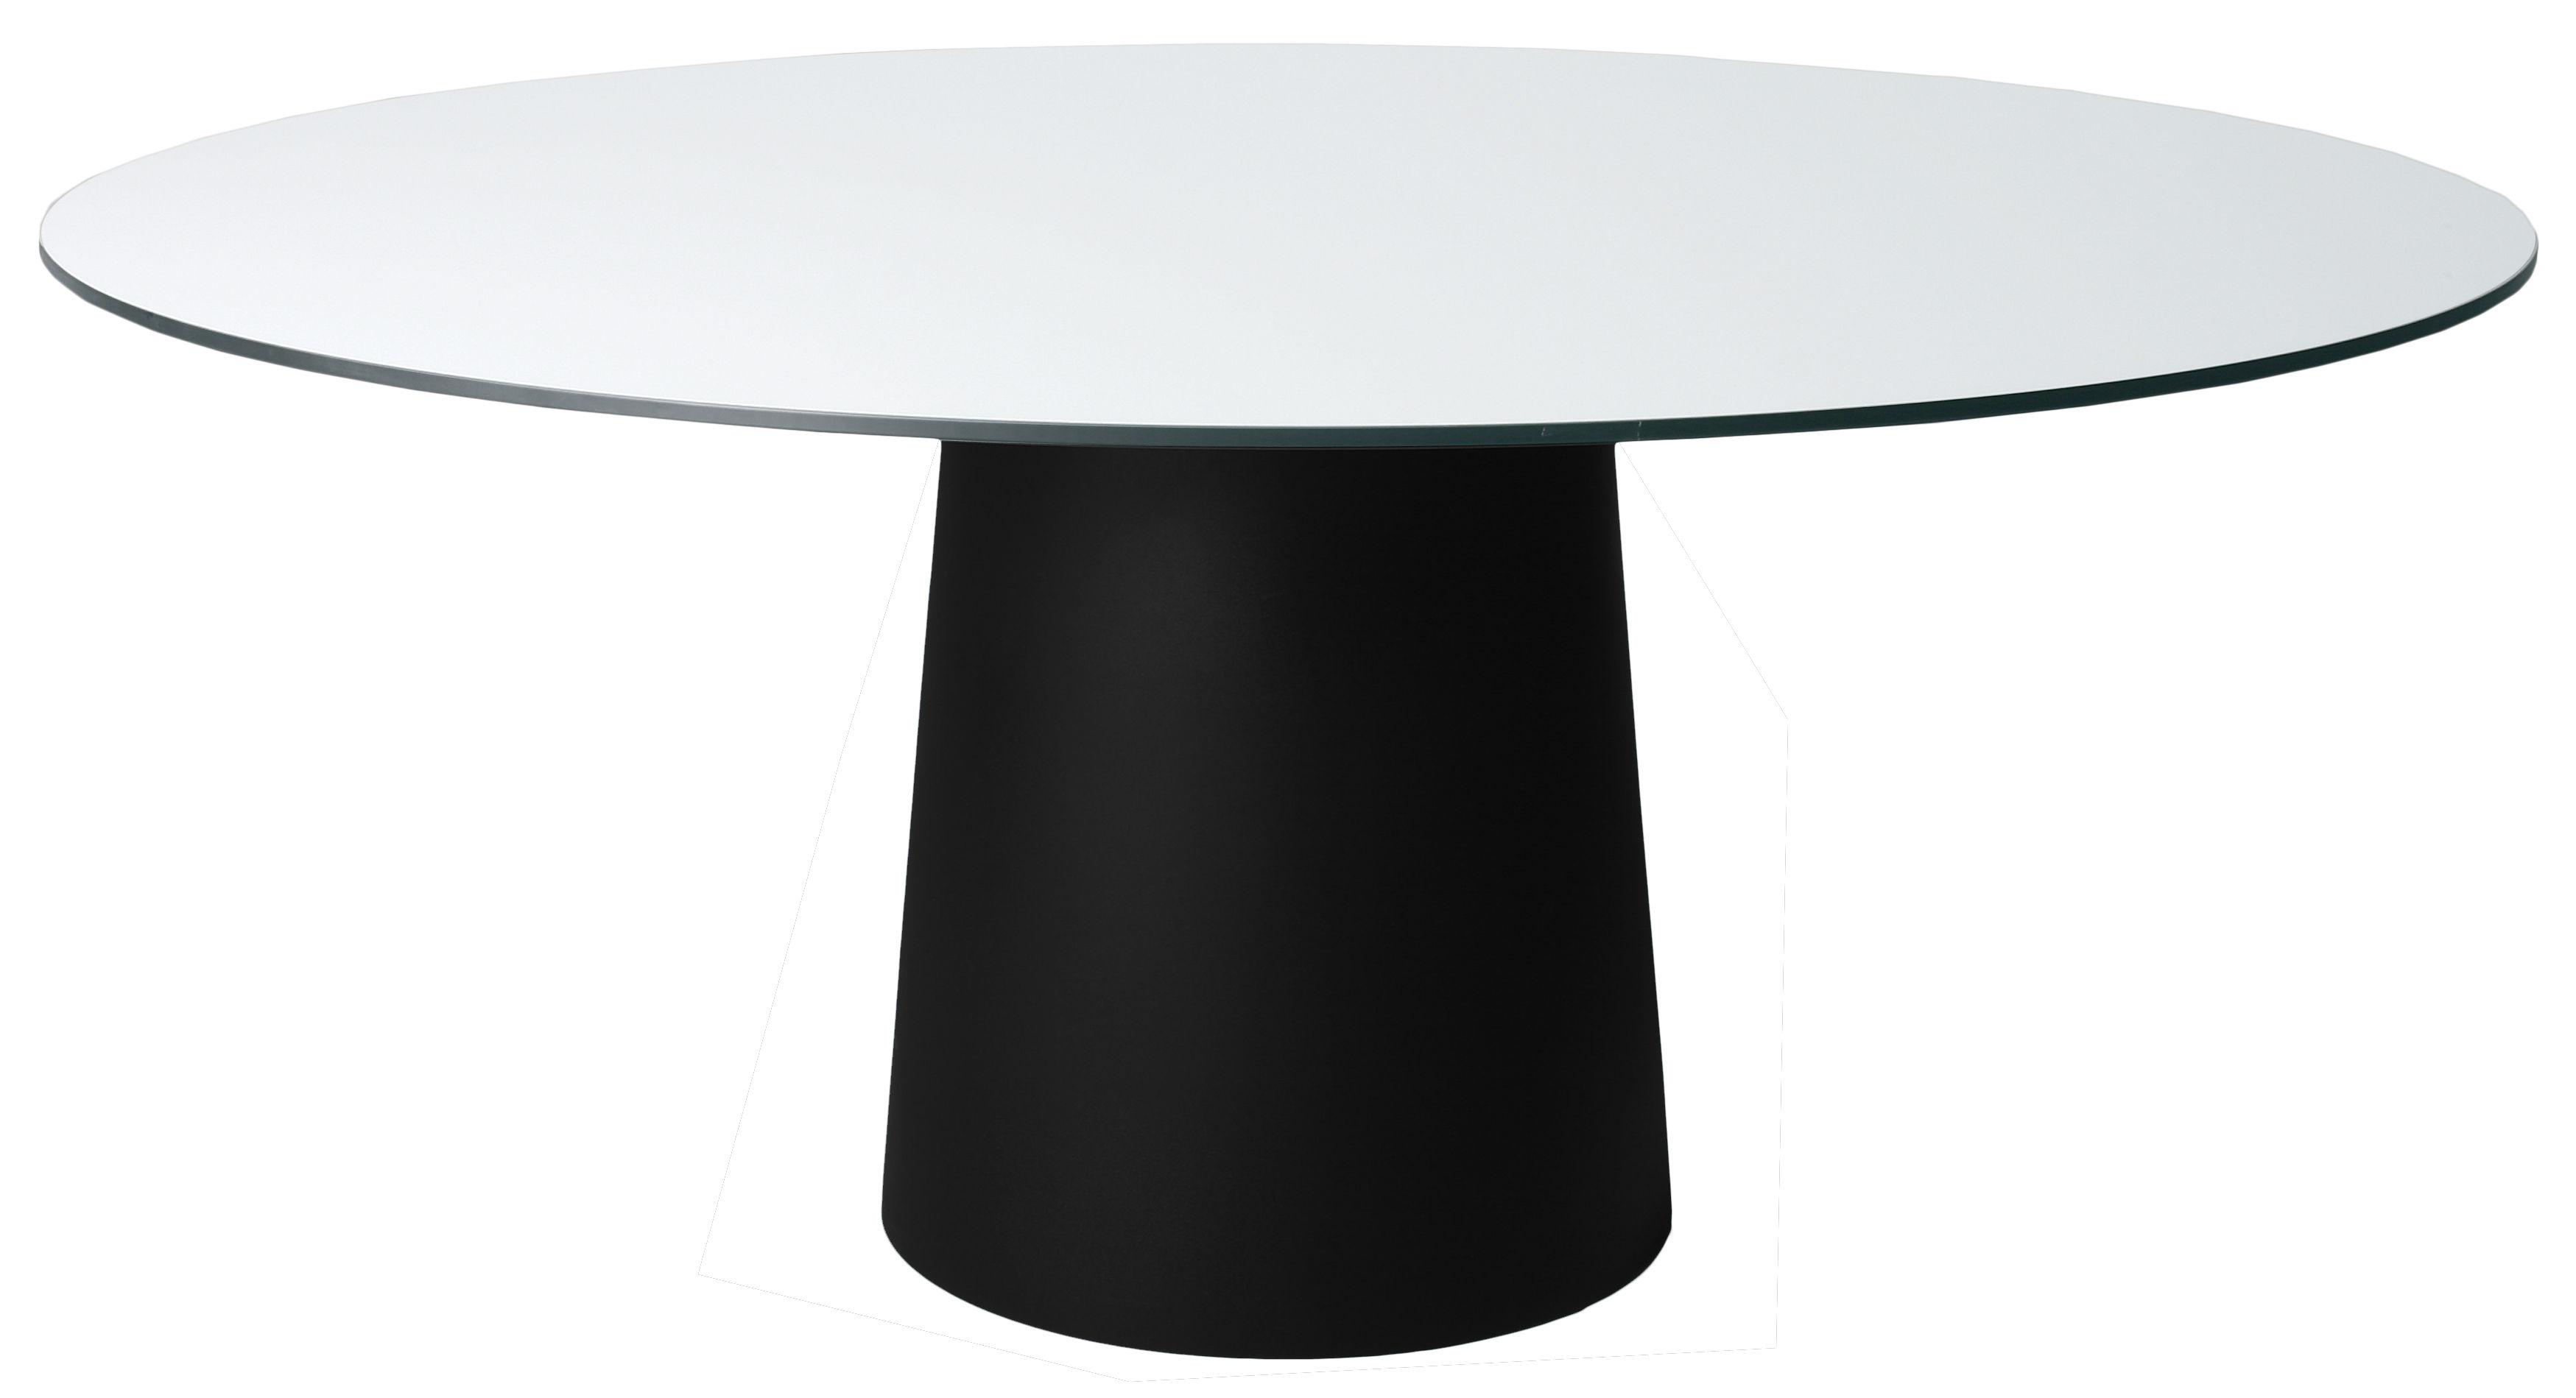 pied de table container h 70 cm pour plateau 160 cm pied noir 56 x h 70 cm moooi. Black Bedroom Furniture Sets. Home Design Ideas